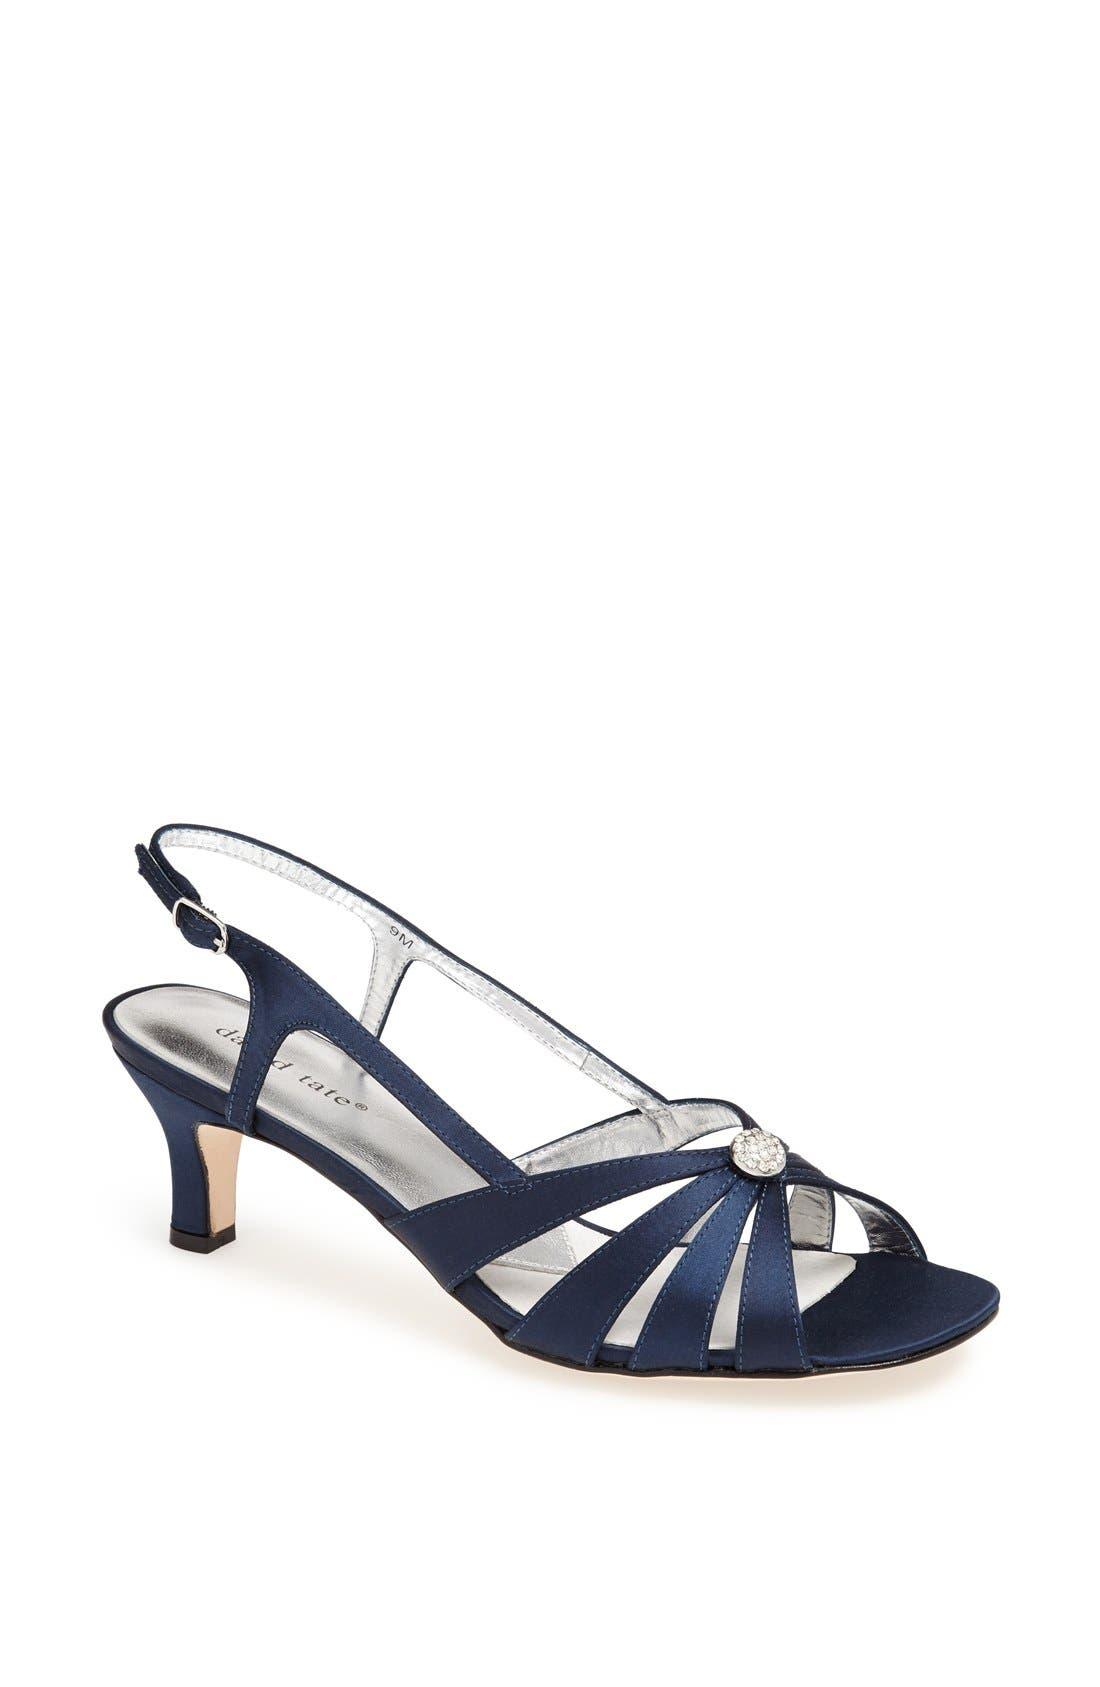 'Rosette' Sandal,                         Main,                         color, Navy